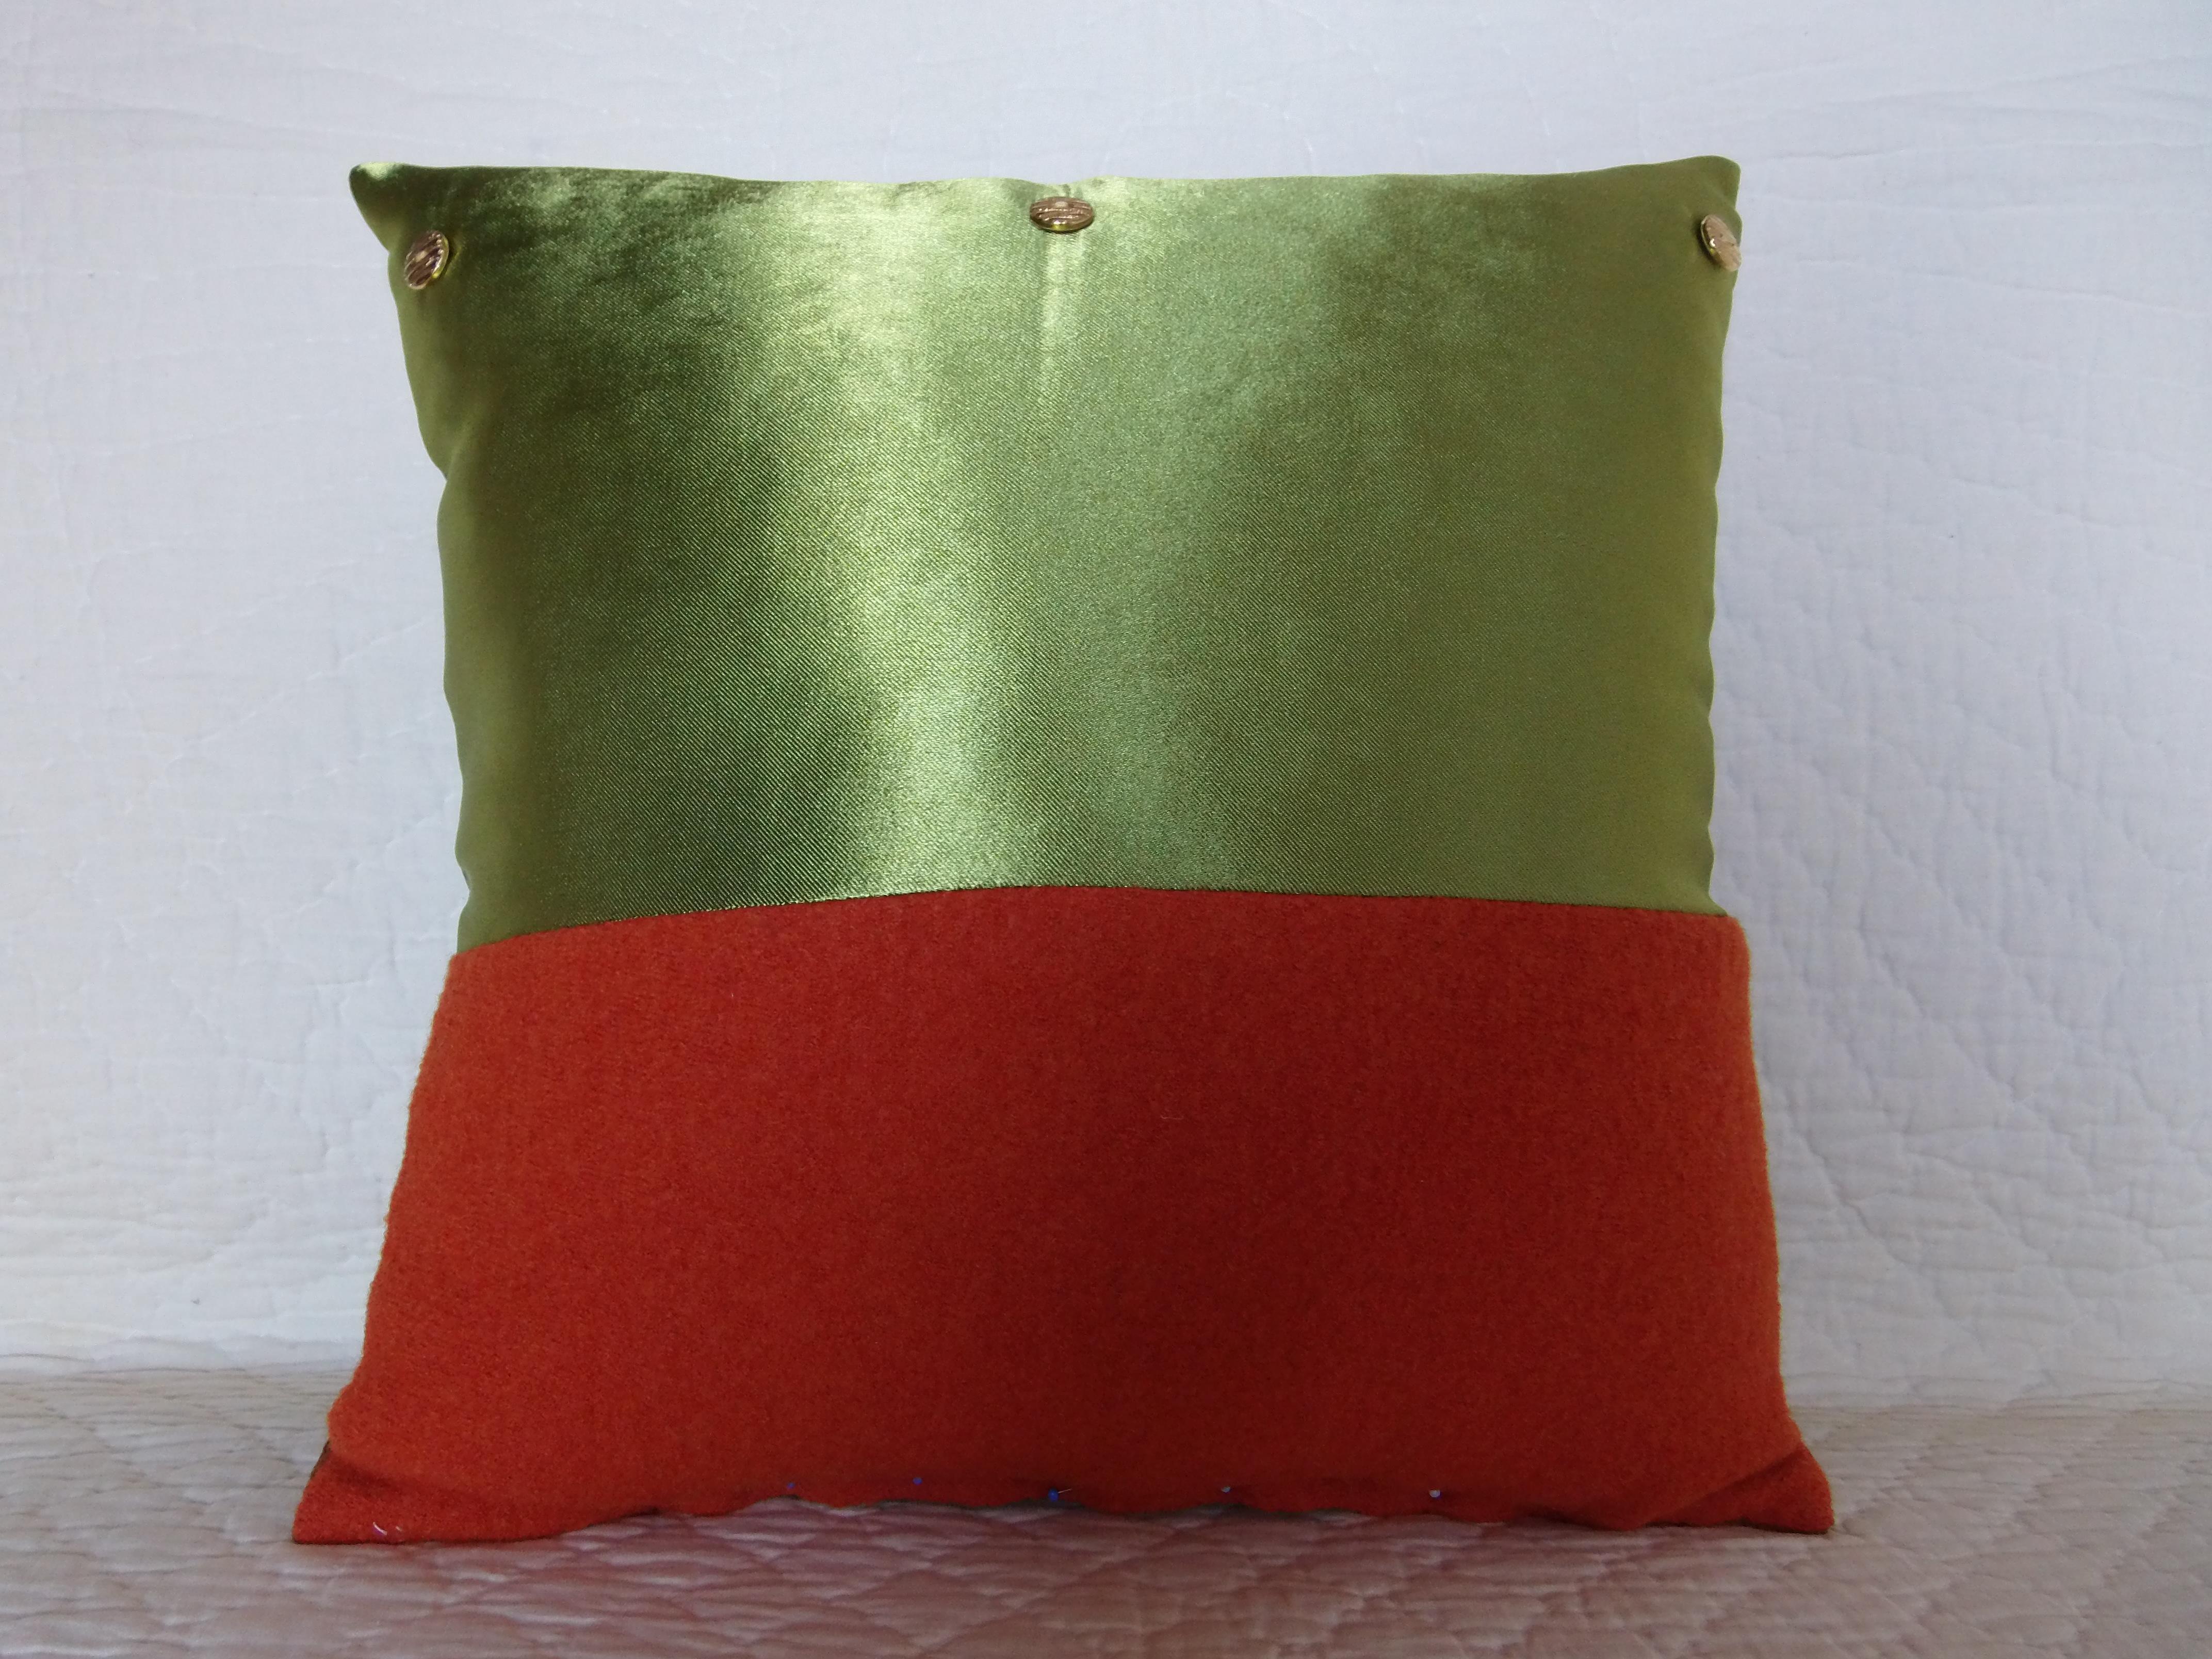 coussin boutons patchwork 40x40 mod le ephedra maison et deco textiles tapis par 22atelier27. Black Bedroom Furniture Sets. Home Design Ideas